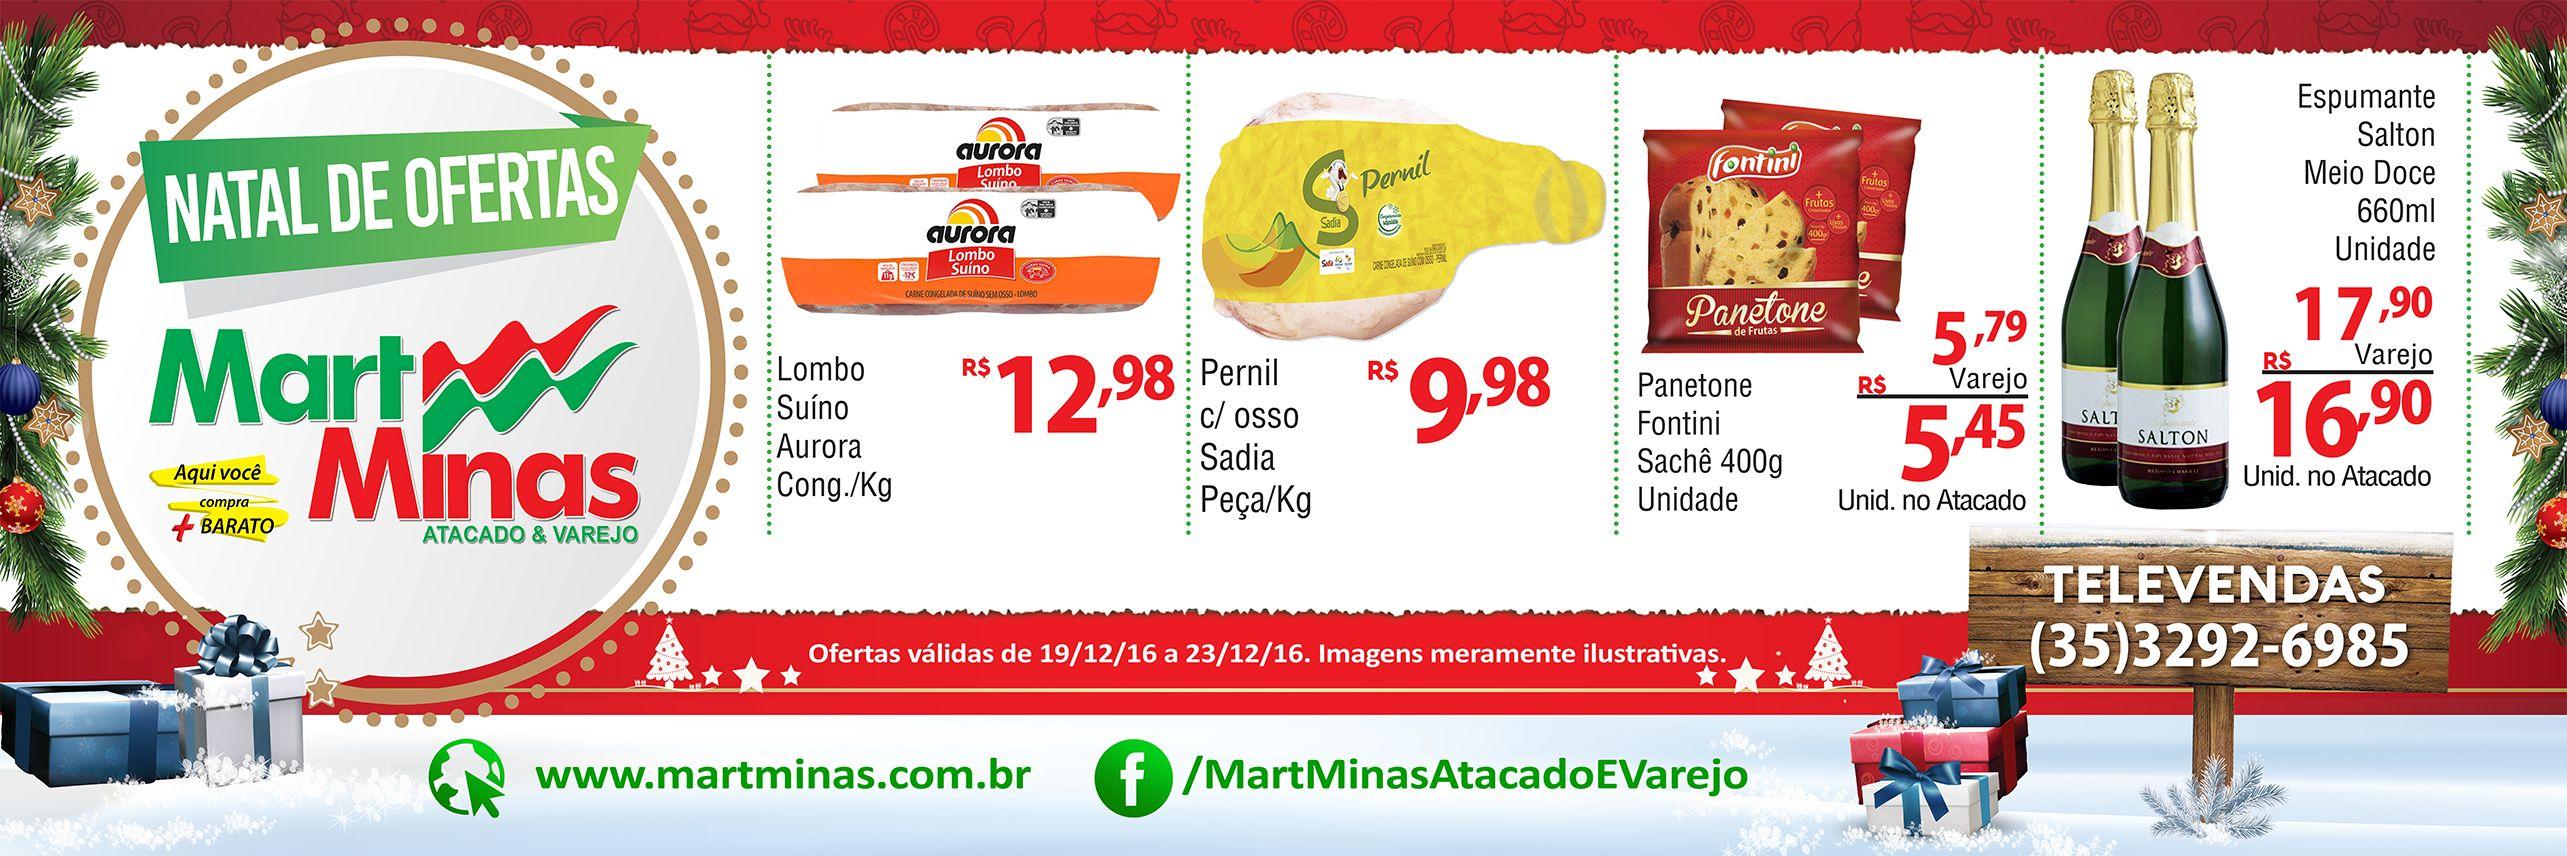 Outdoor De Natal Mart Minas Alfenas Mg Supermercado Espumante Panetone